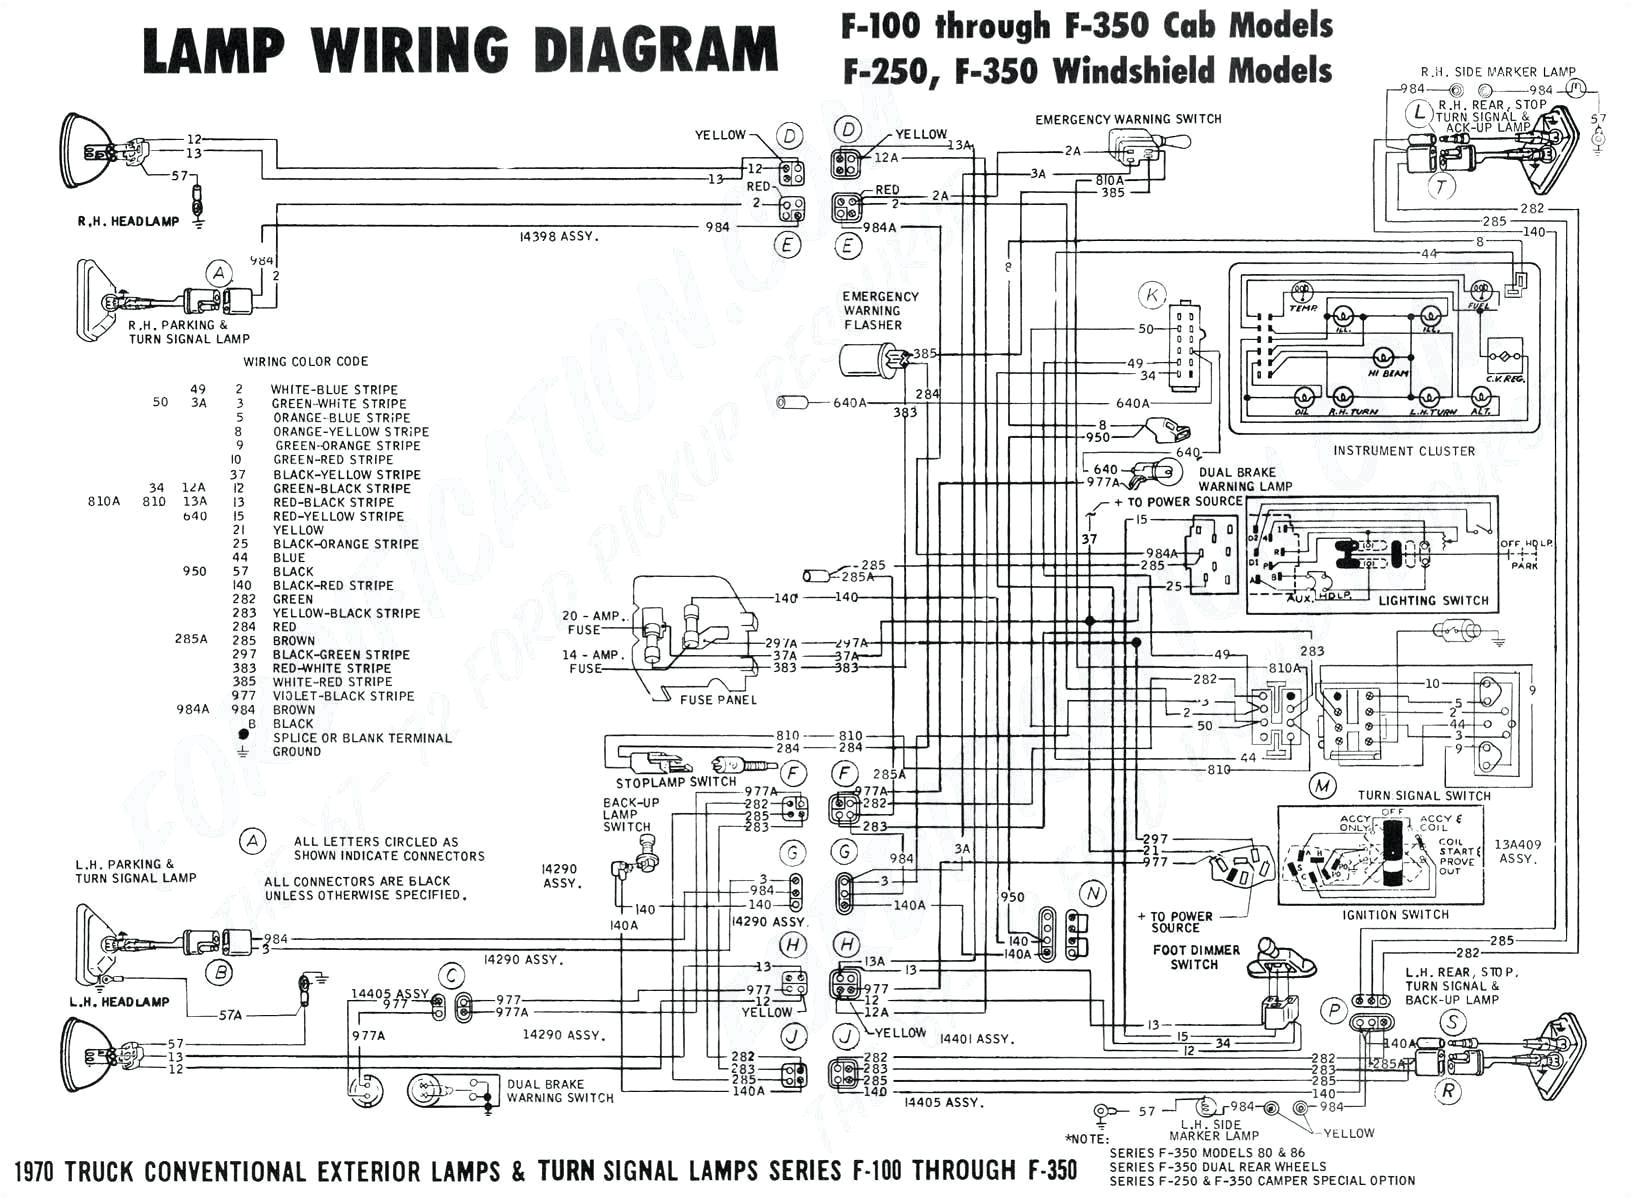 diagram 2002 ford windstar under dash wiring wiring diagram features diagram 2002 ford windstar under dash wiring